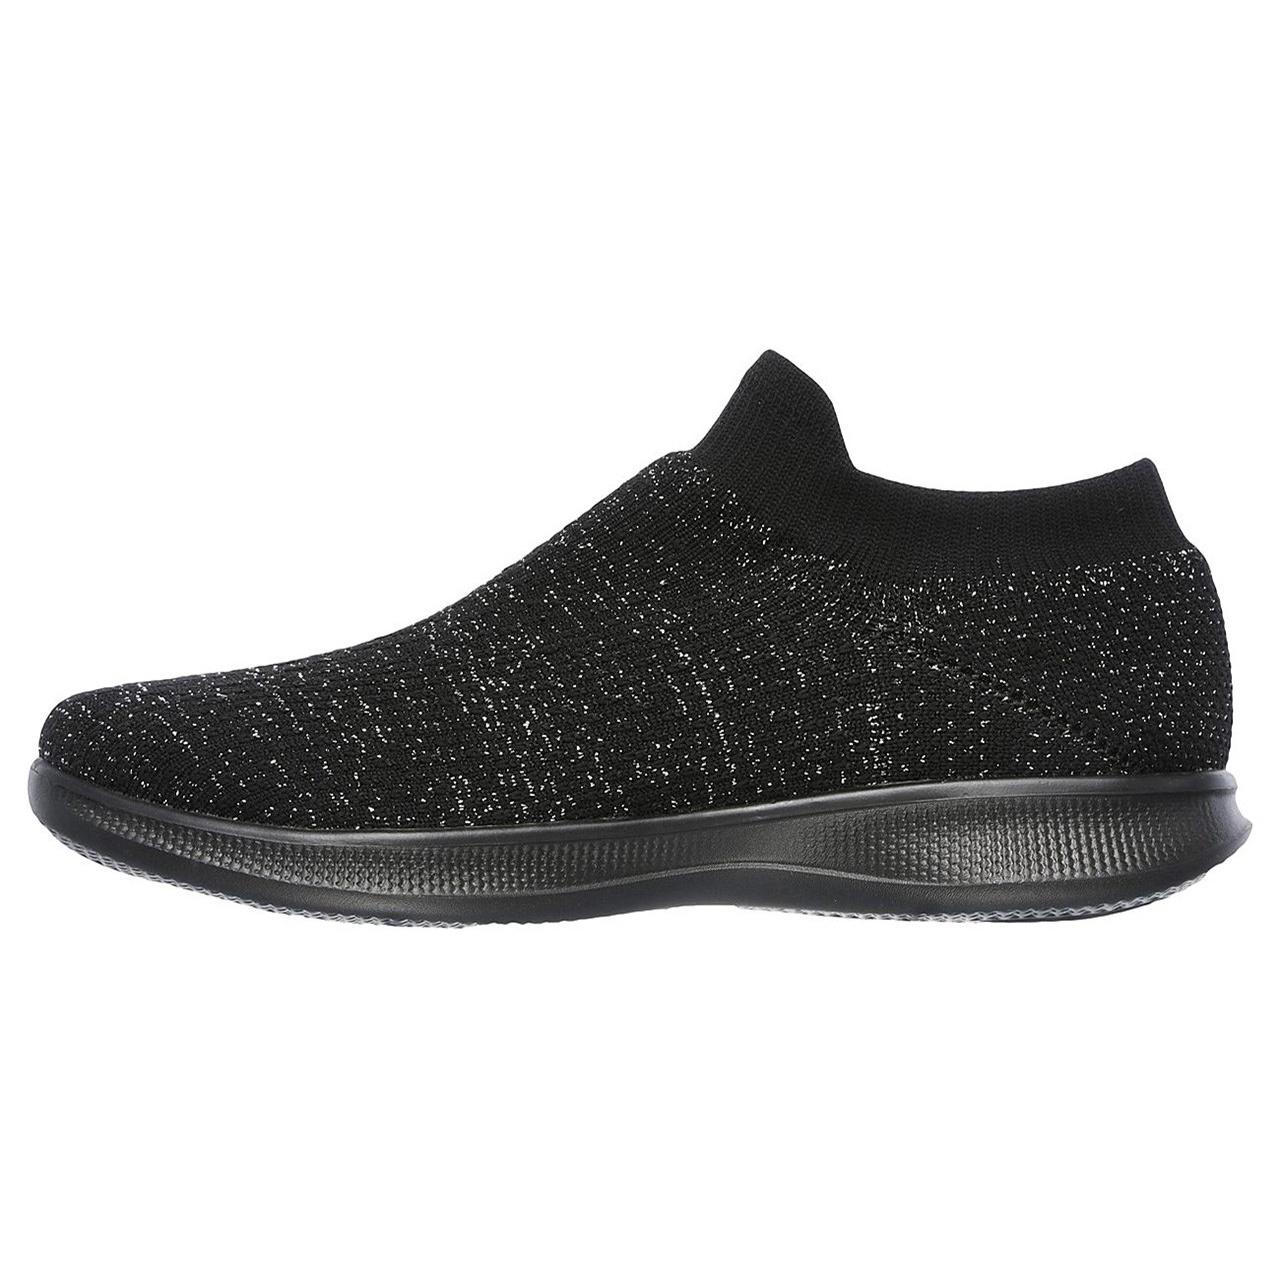 کفش مخصوص پیاده روی زنانه اسکچرز مدل Go Step Lite